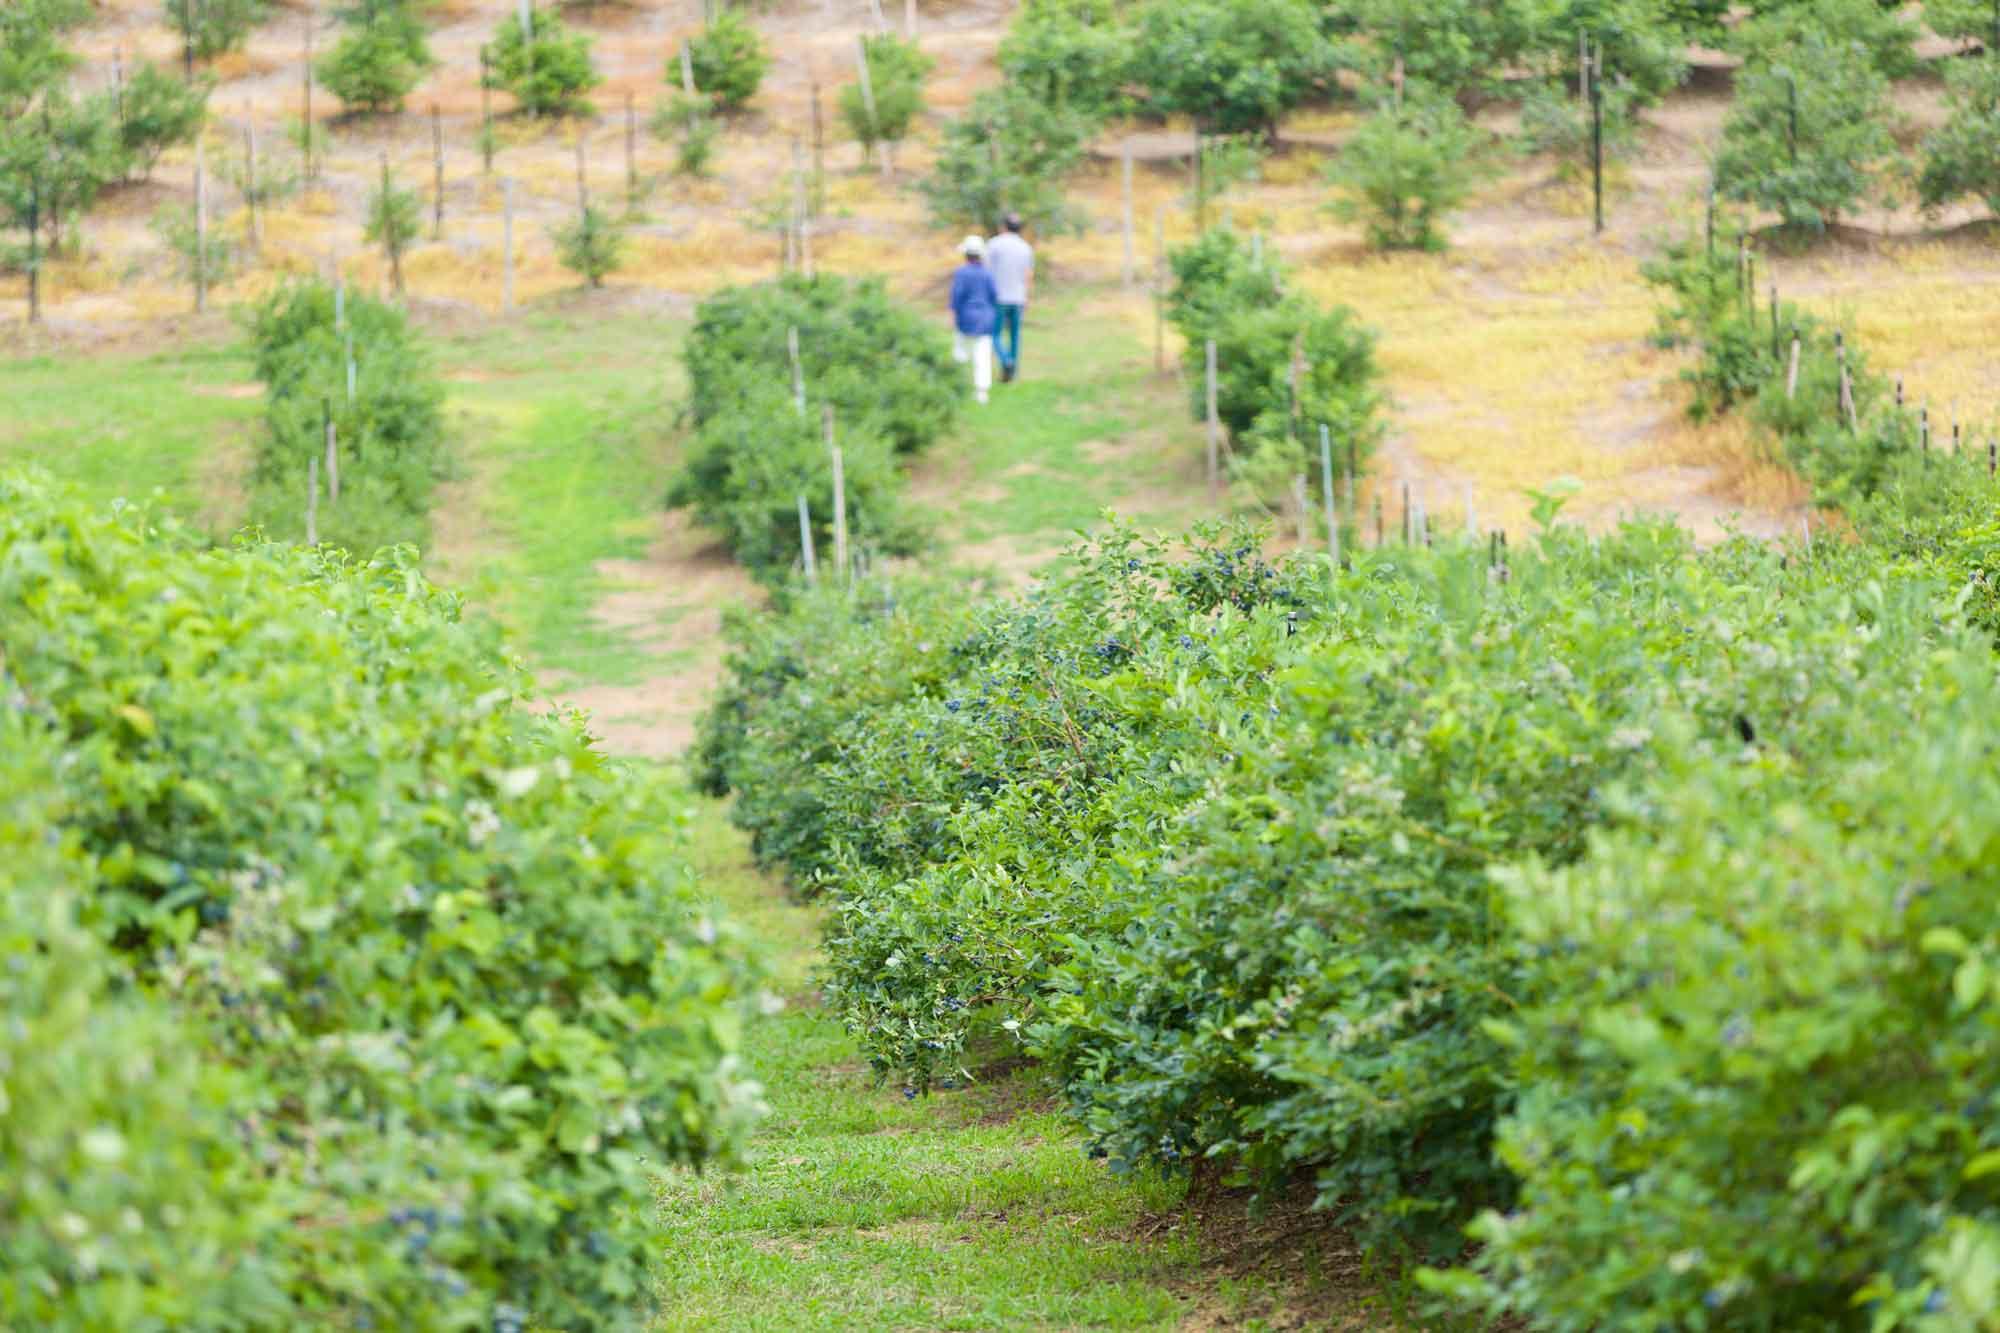 山形県アンテナショップおいしい山形 素材を訪ねて|ブルーベリー:                     6月下旬頃からの最盛期には観光果樹園もオープン。品種の食べ比べも楽しみの一つ。